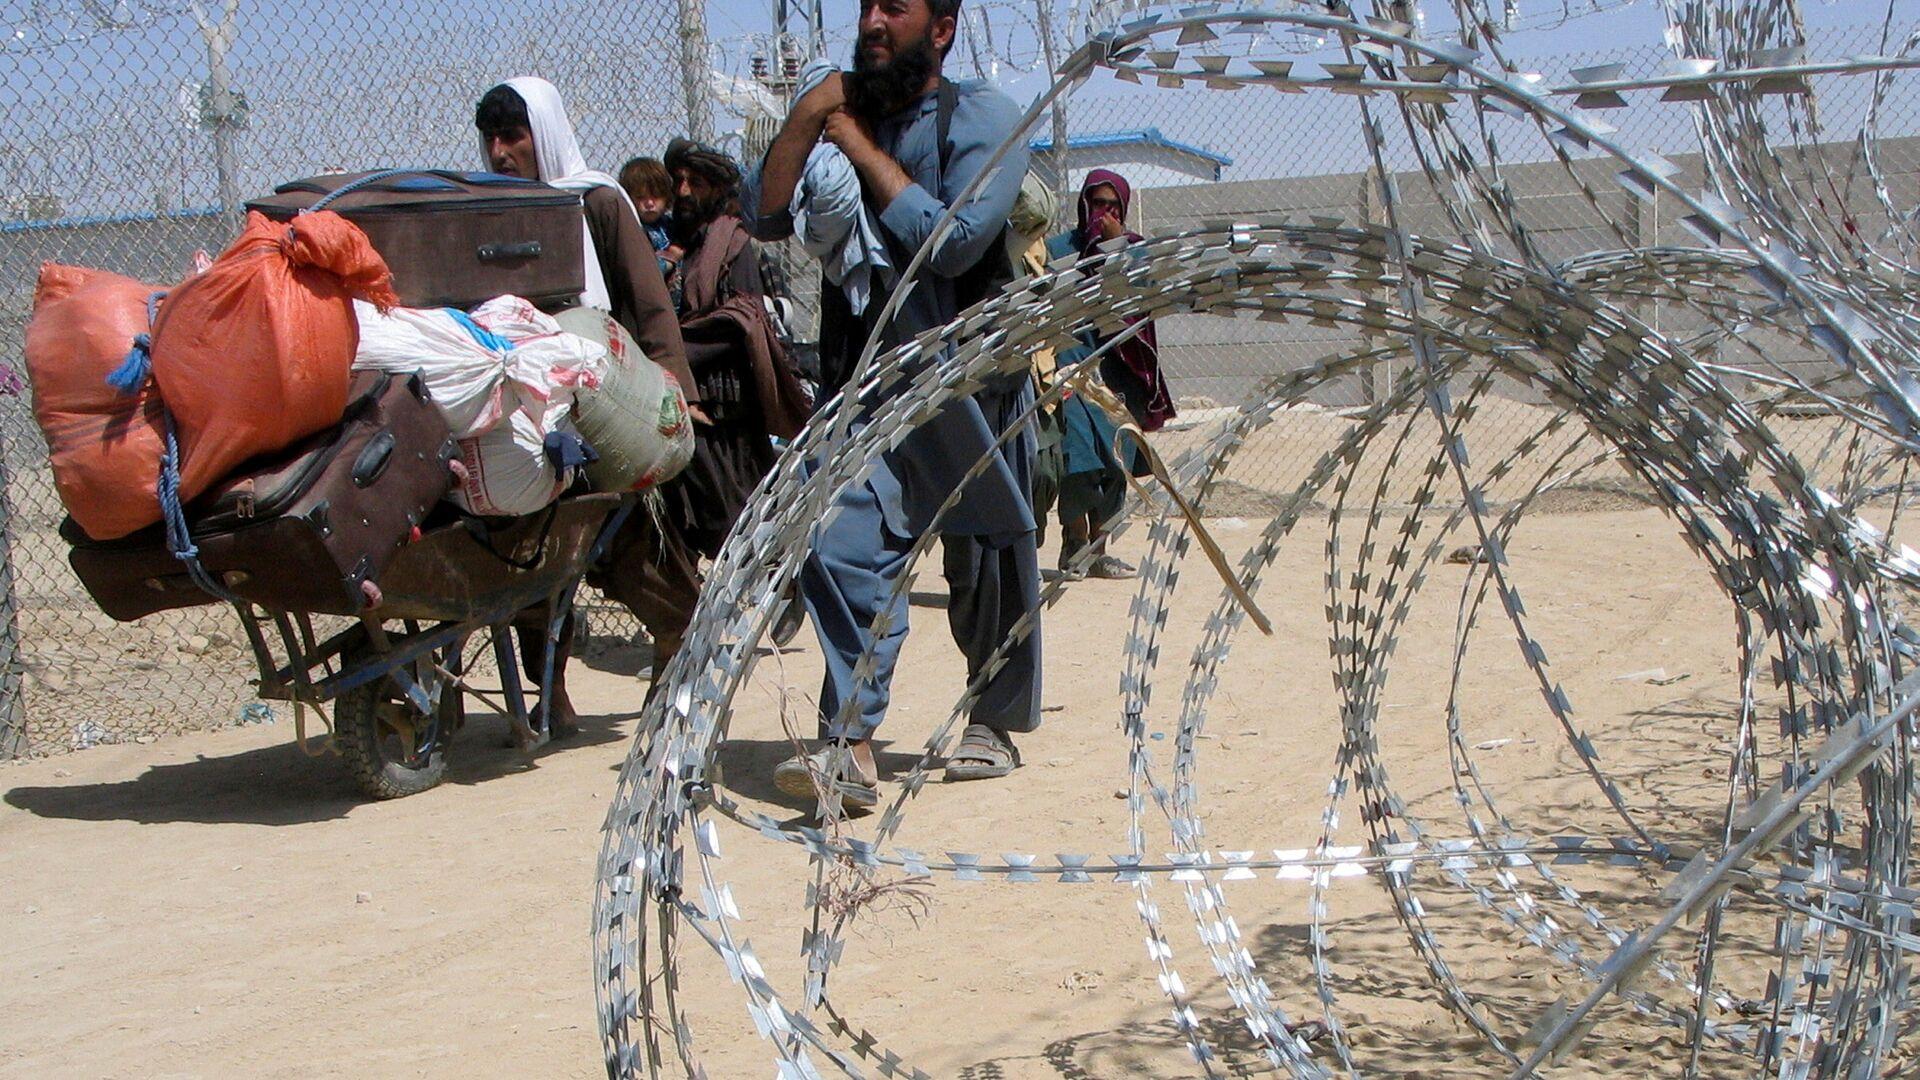 Семья, прибывающая из Афганистана, проходит через контрольно-пропускной пункт Ворота дружбы в пакистано-афганском пограничном городе Чаман, Пакистан - Sputnik Таджикистан, 1920, 10.09.2021